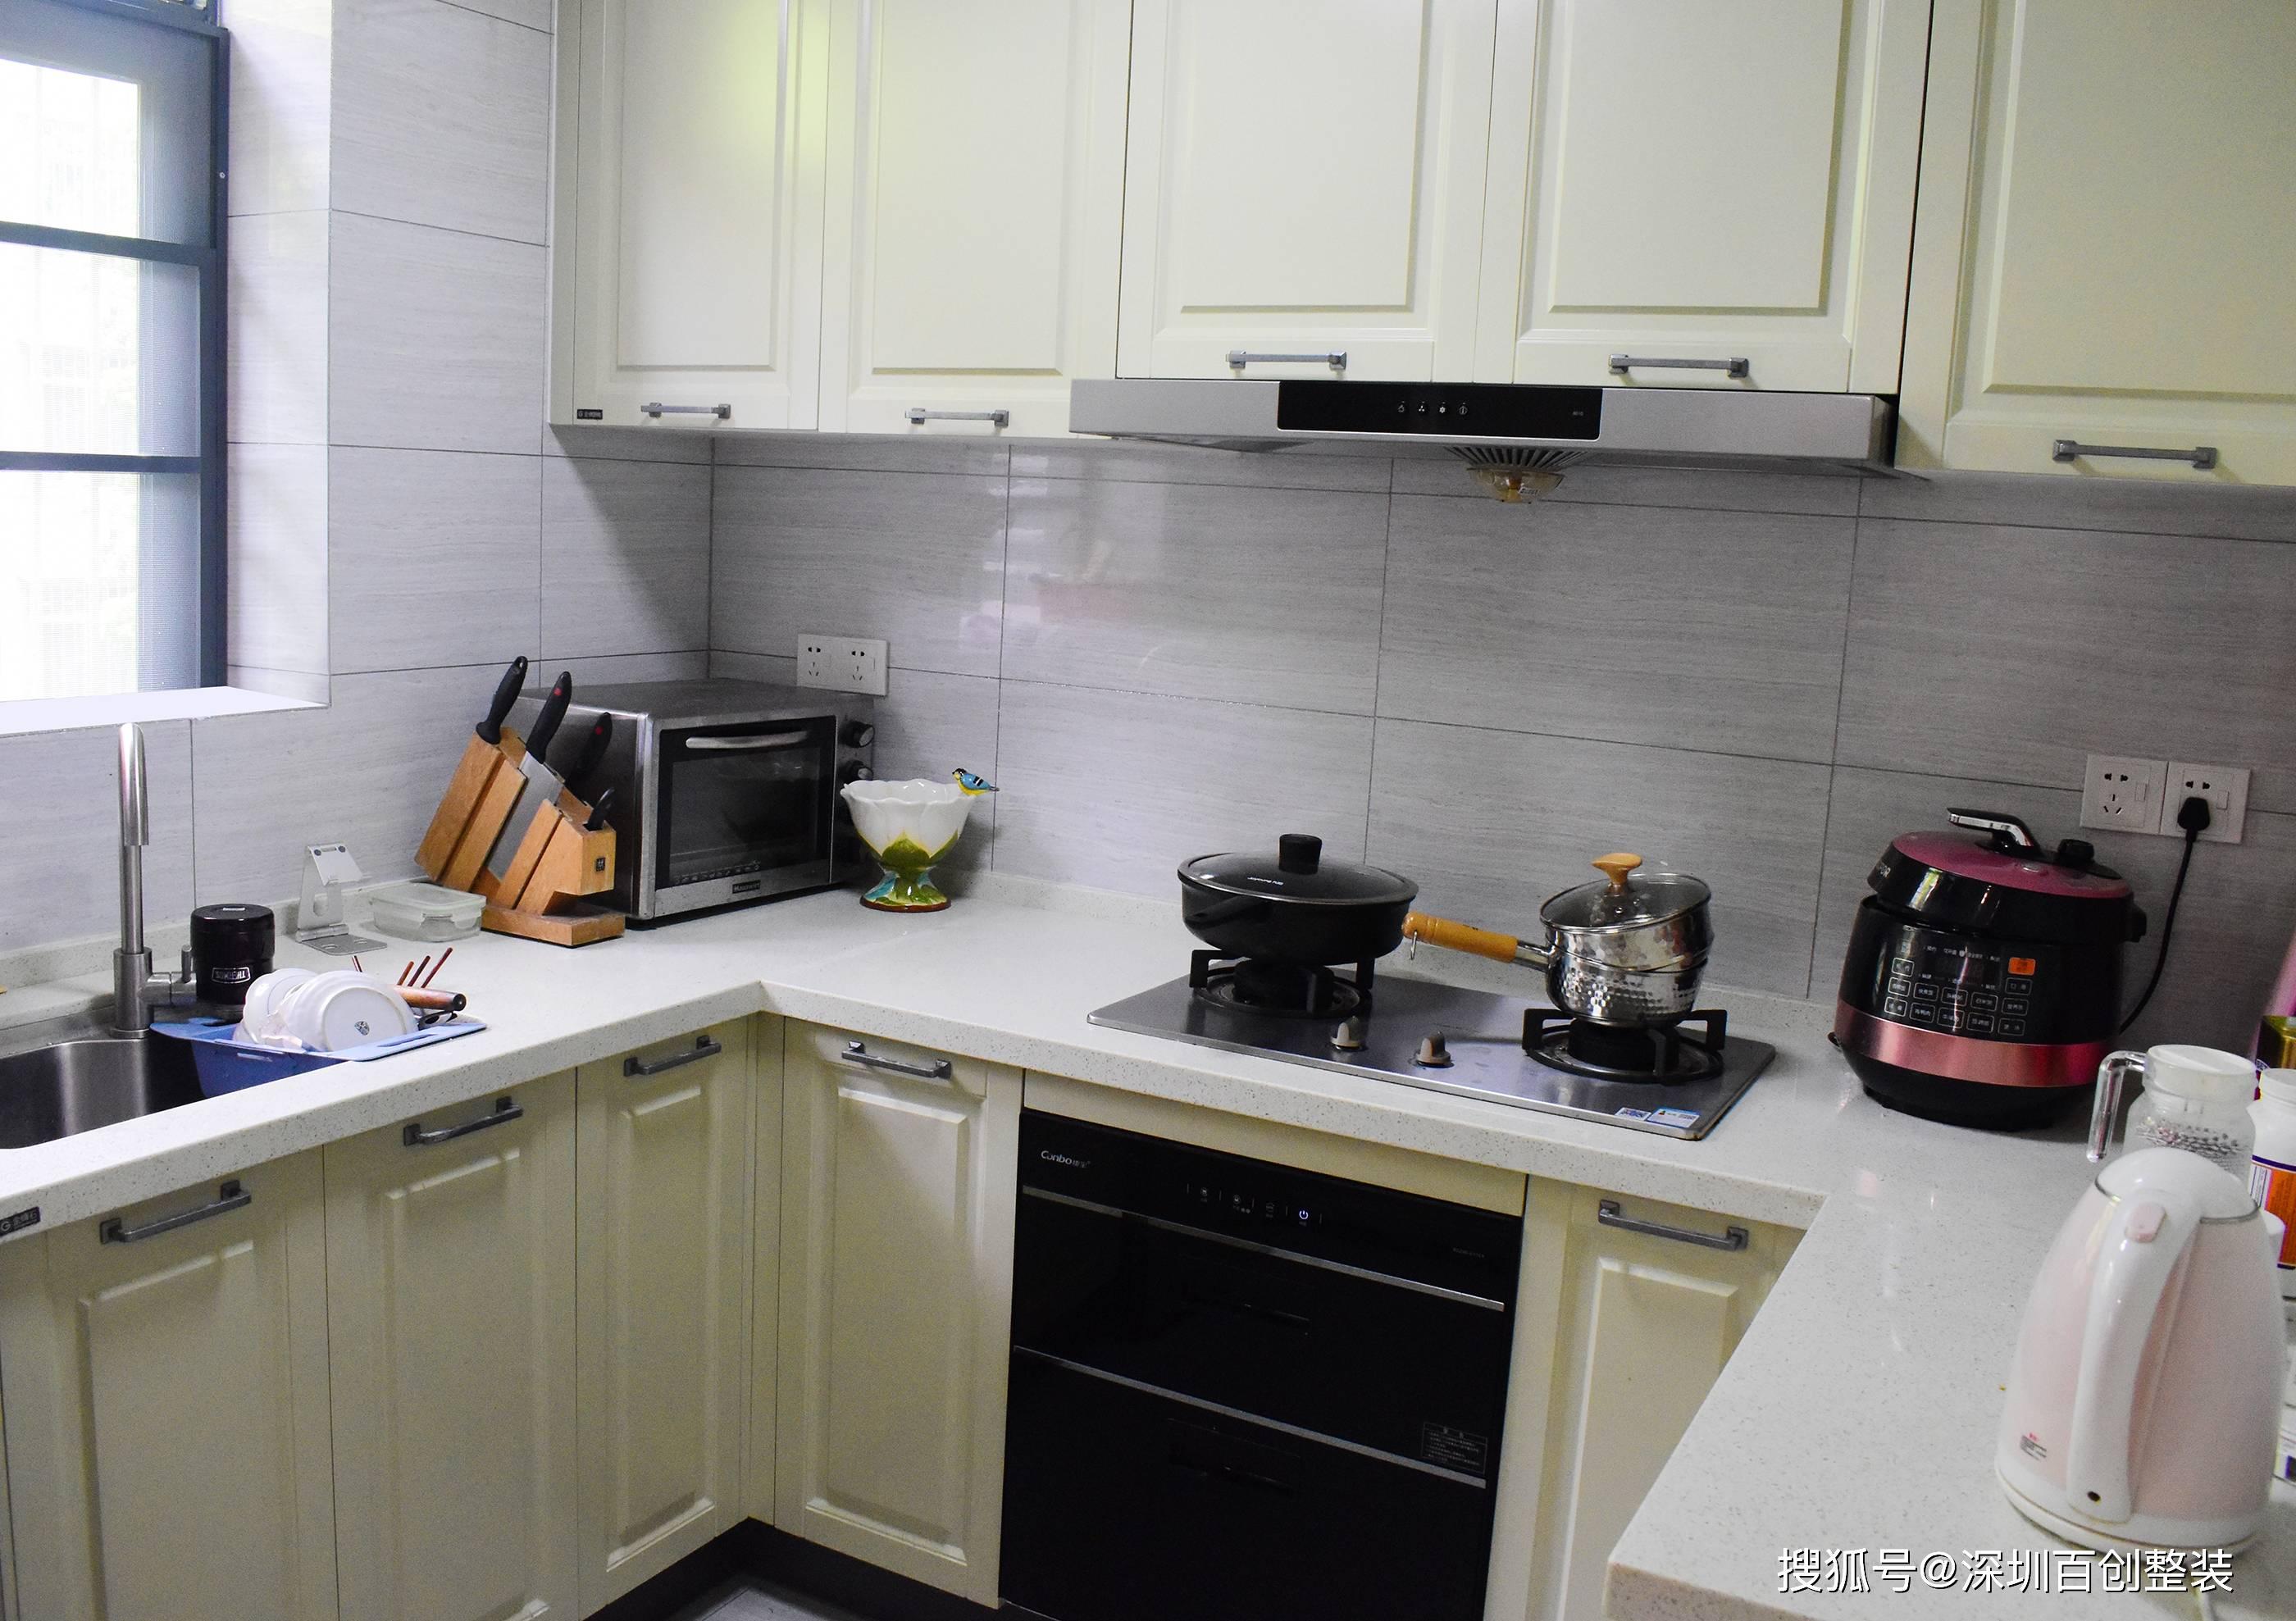 室内装饰公司包装包装厨房电袋 无锡装修